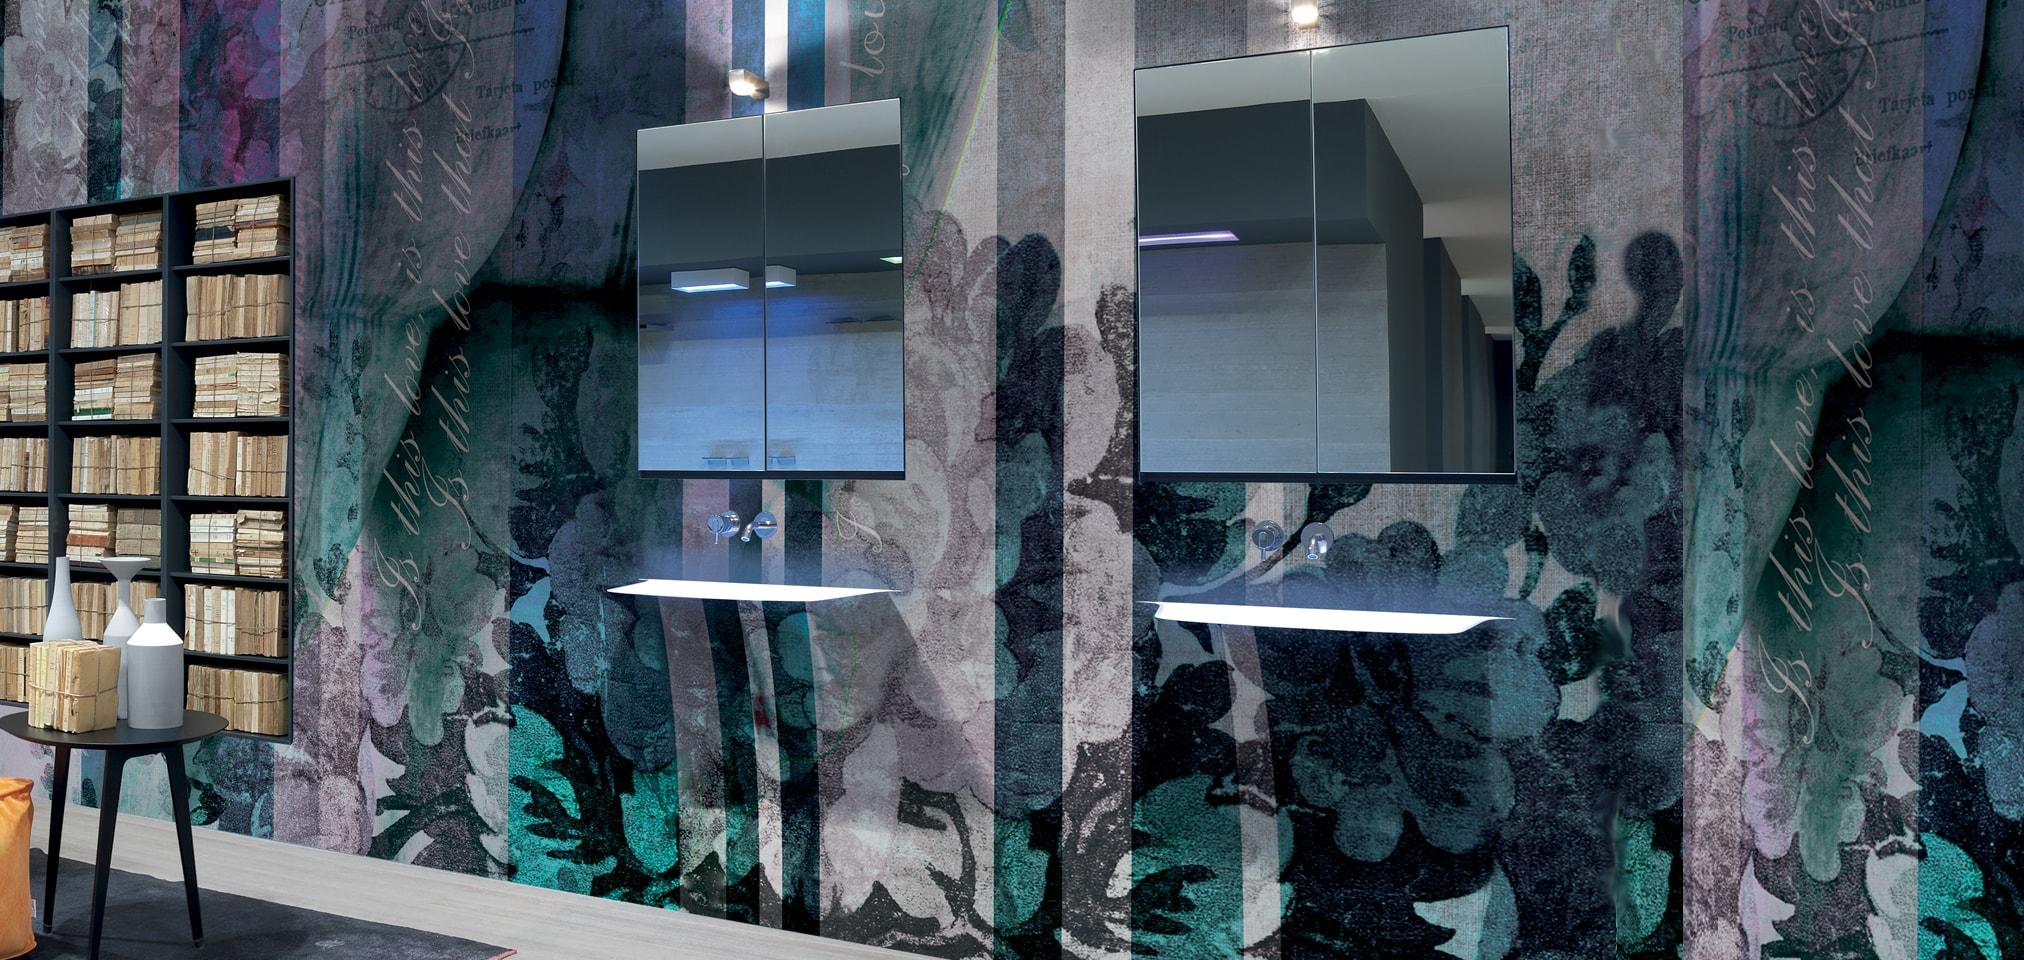 Soffio, lavabo lavamanos integrado en la pared, lavabo de diseño moderno, Tono Bagno Barcelona